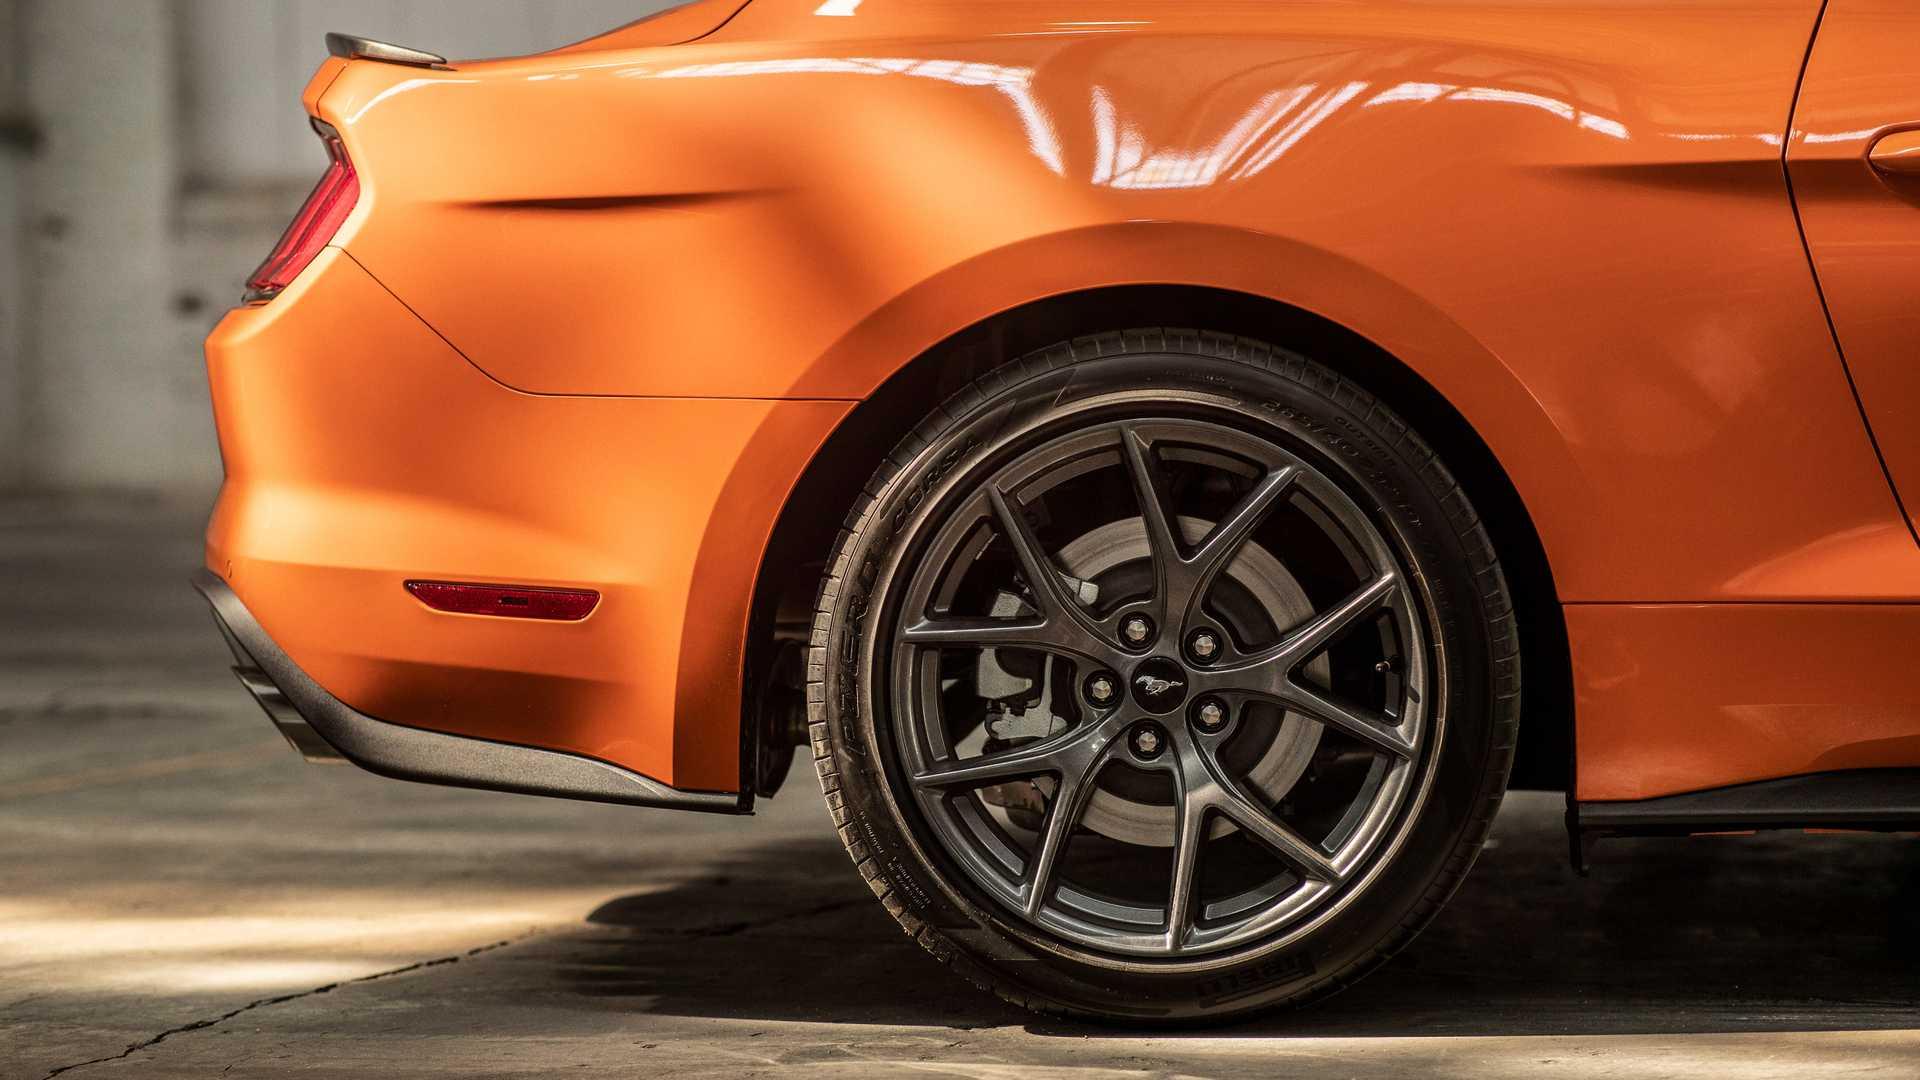 2020-ford-mustang-high-perf-package-6.jpg